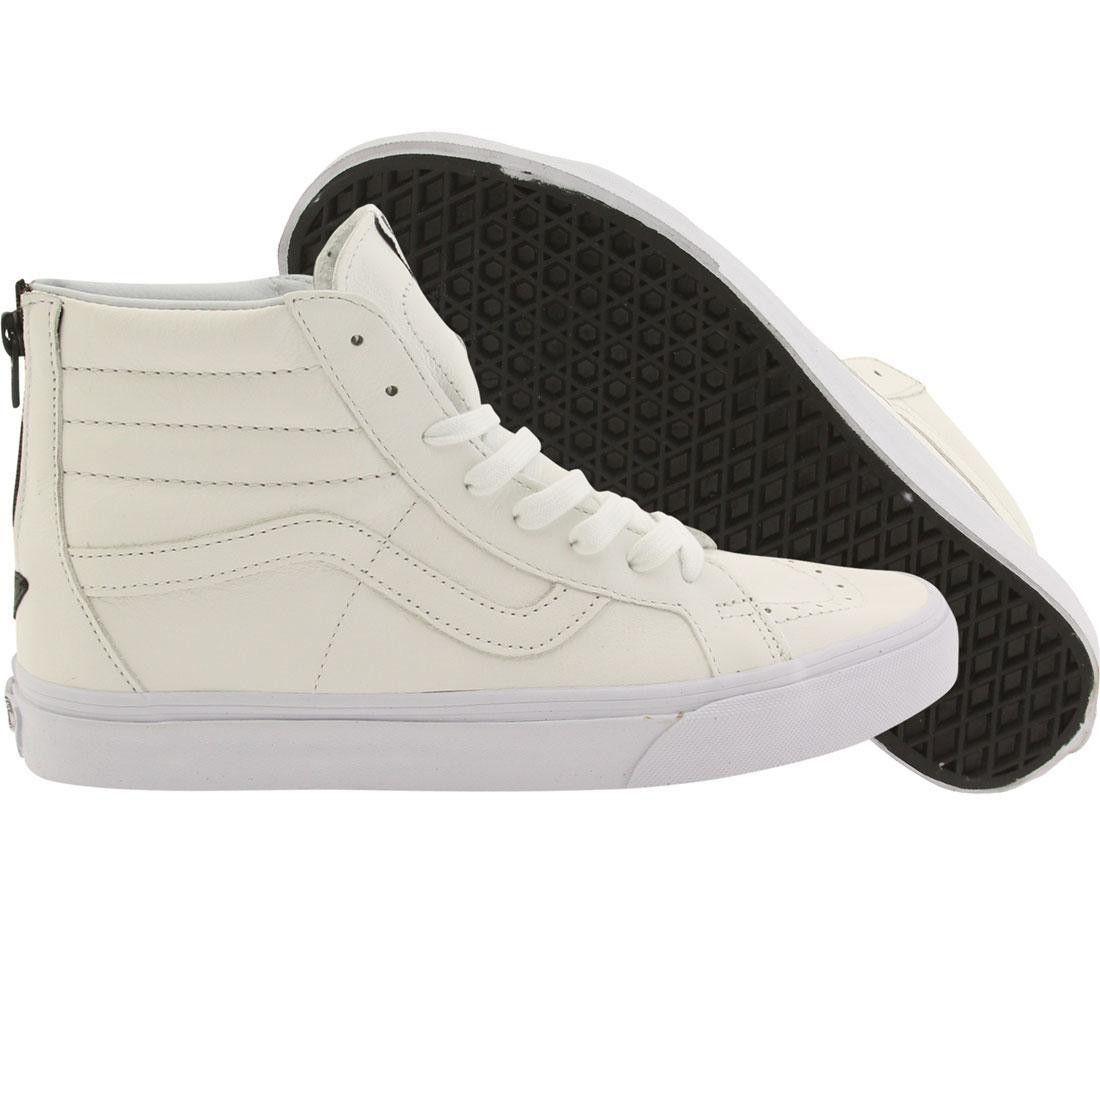 2034ac962e0 Vans Men Sk8-Hi Reissue - Premium Leather (white   black)